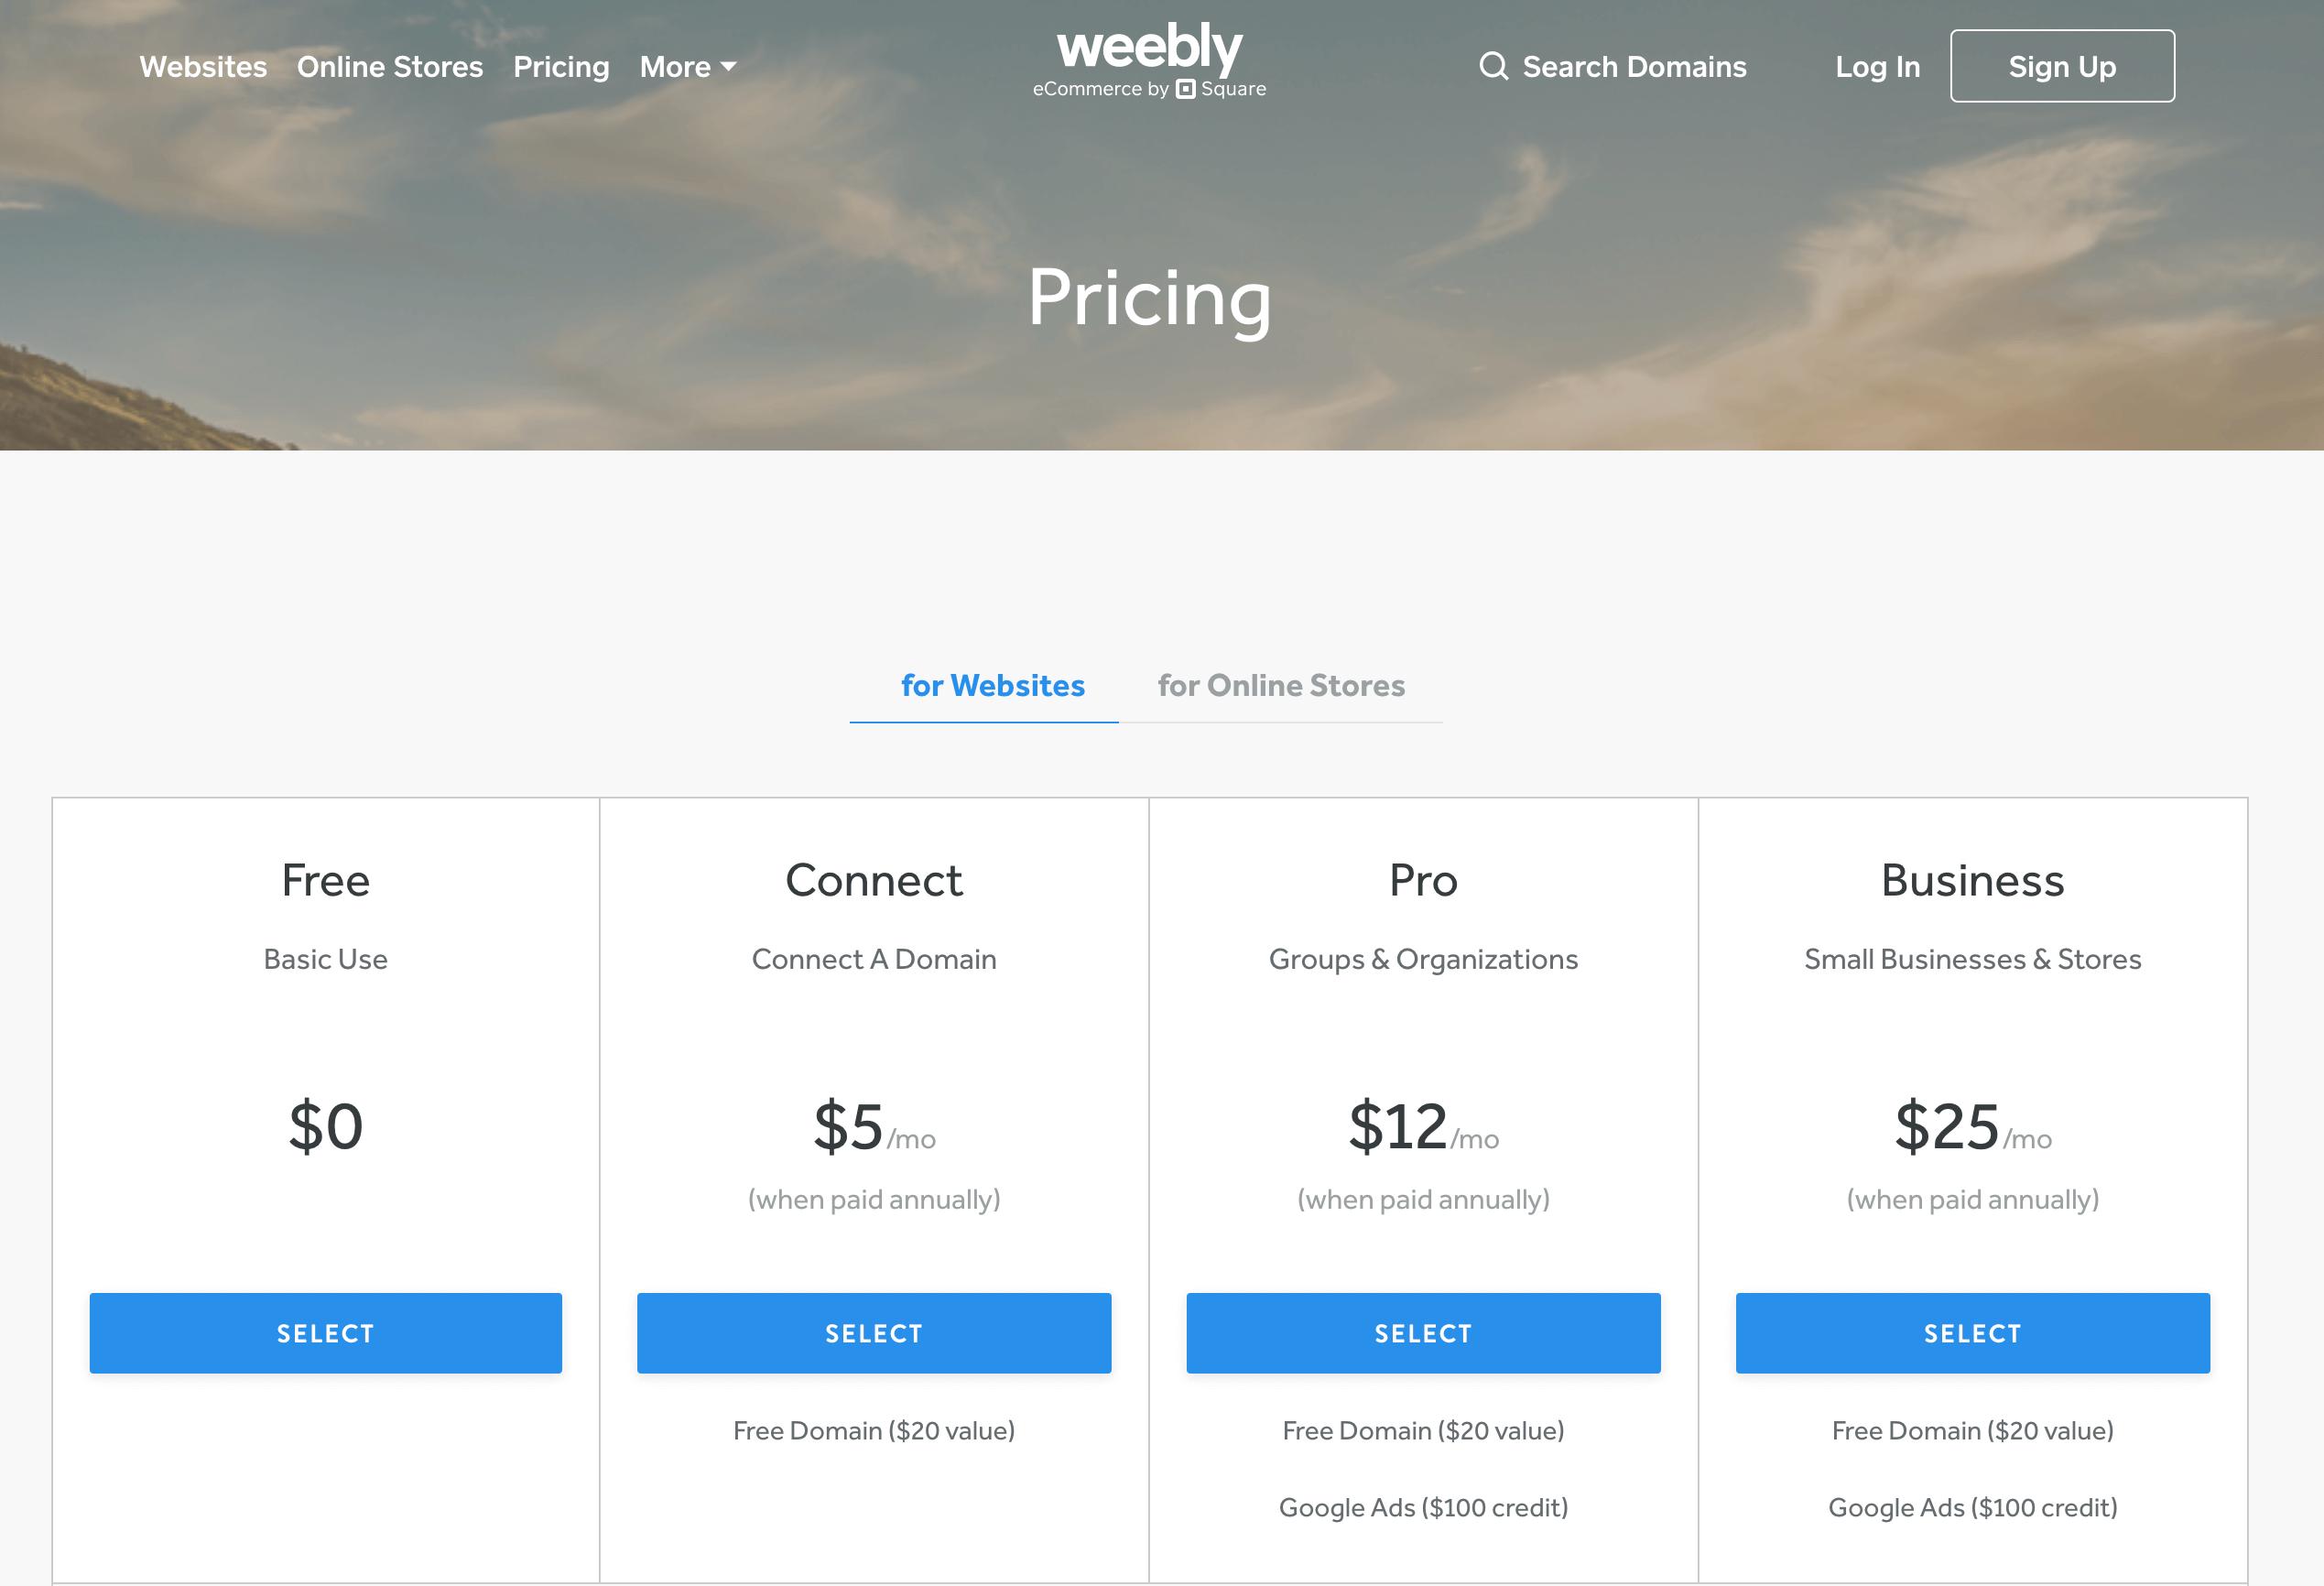 Planlægning af weebly-priser